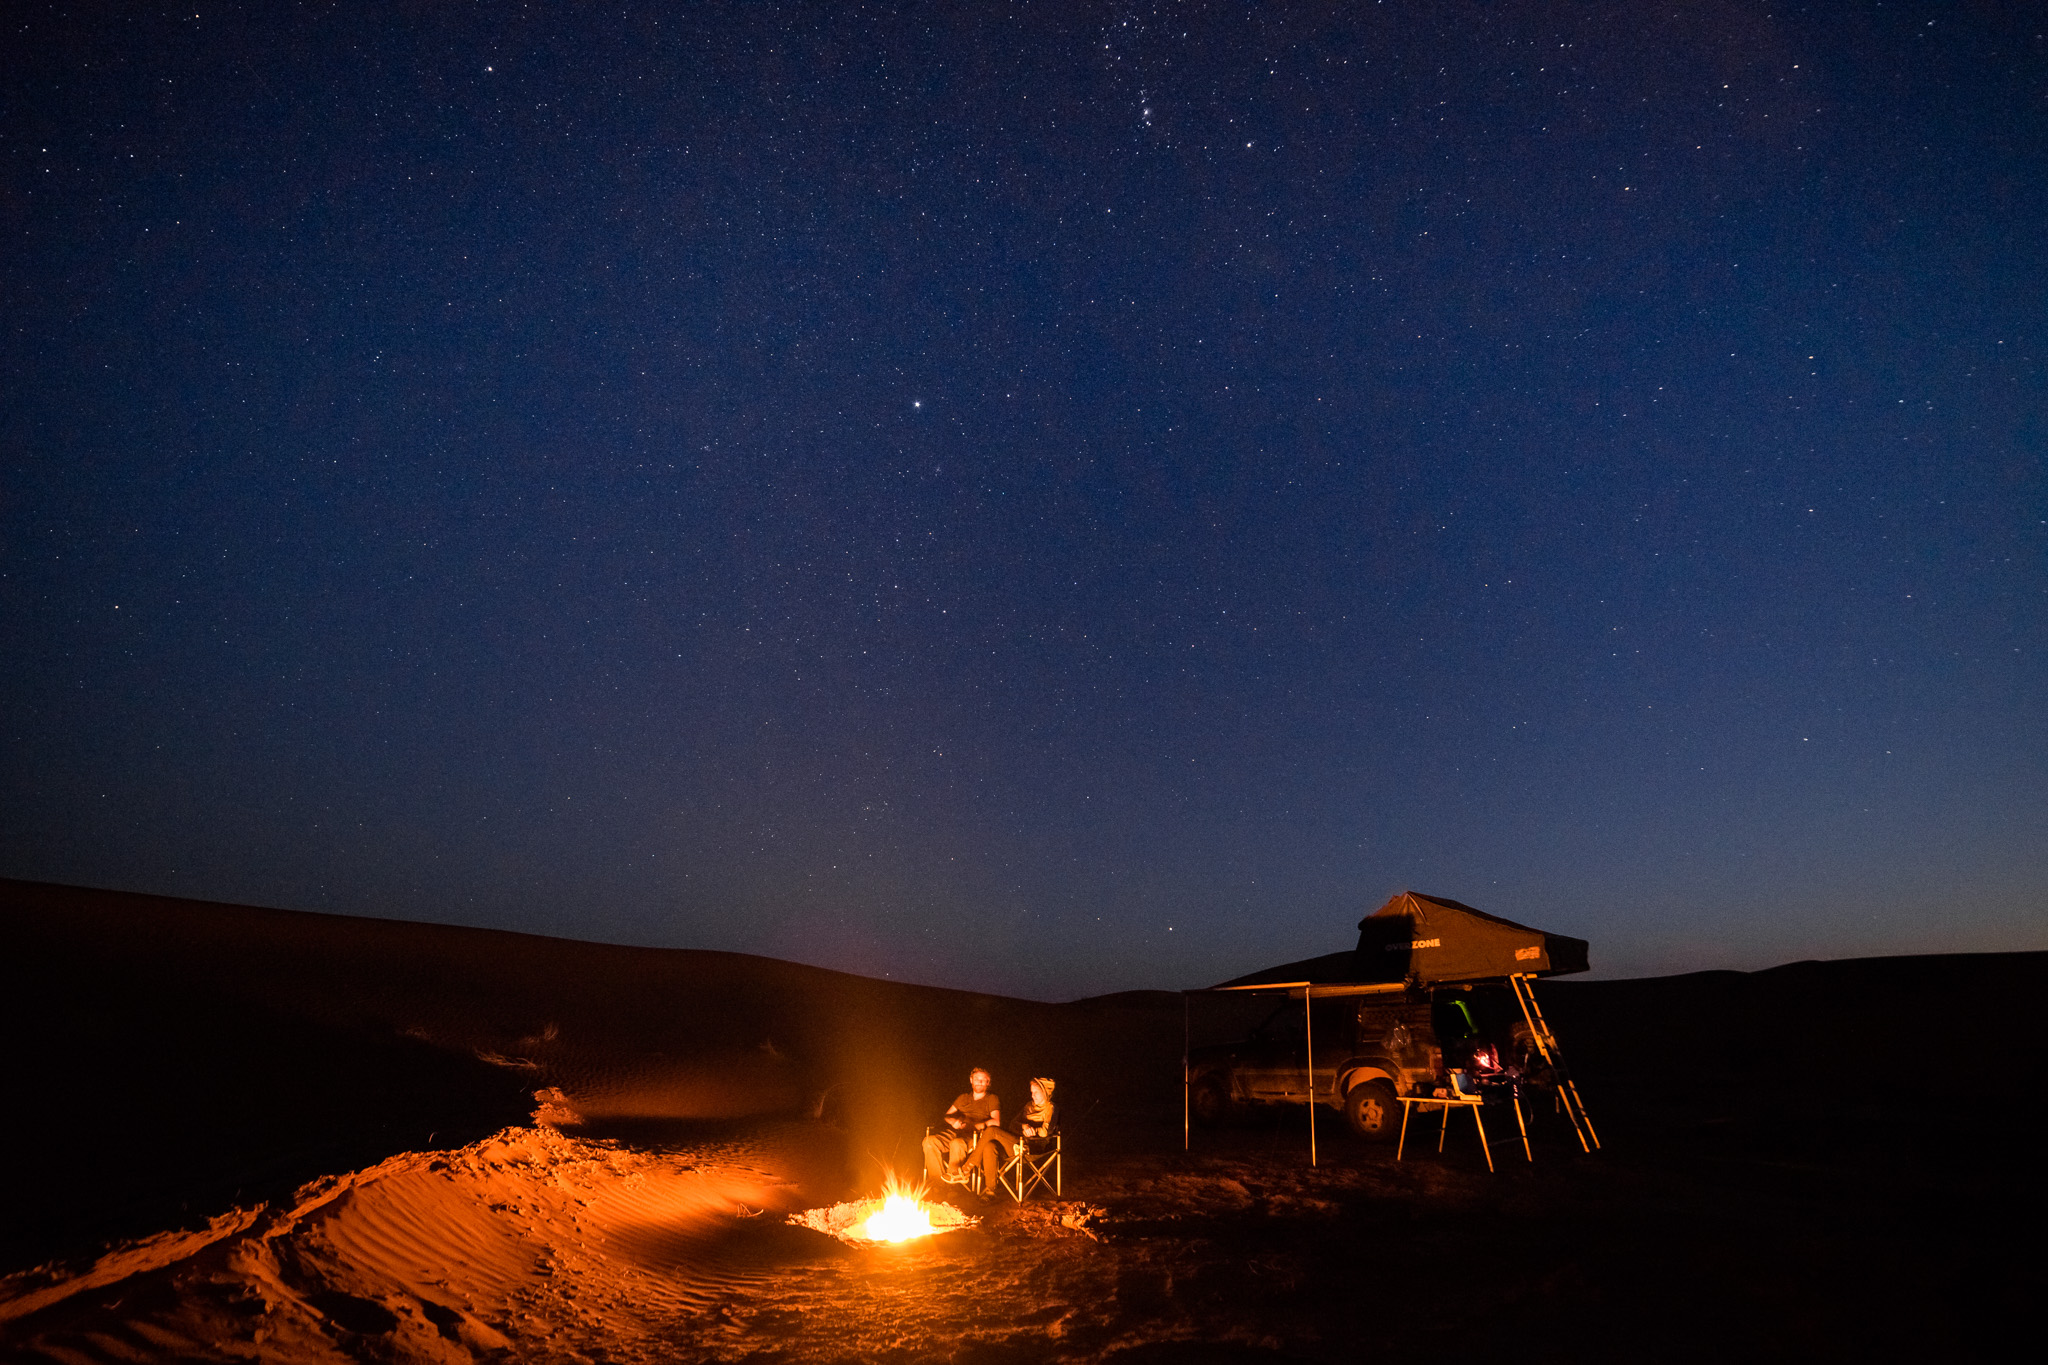 Marokko_pt210.jpg